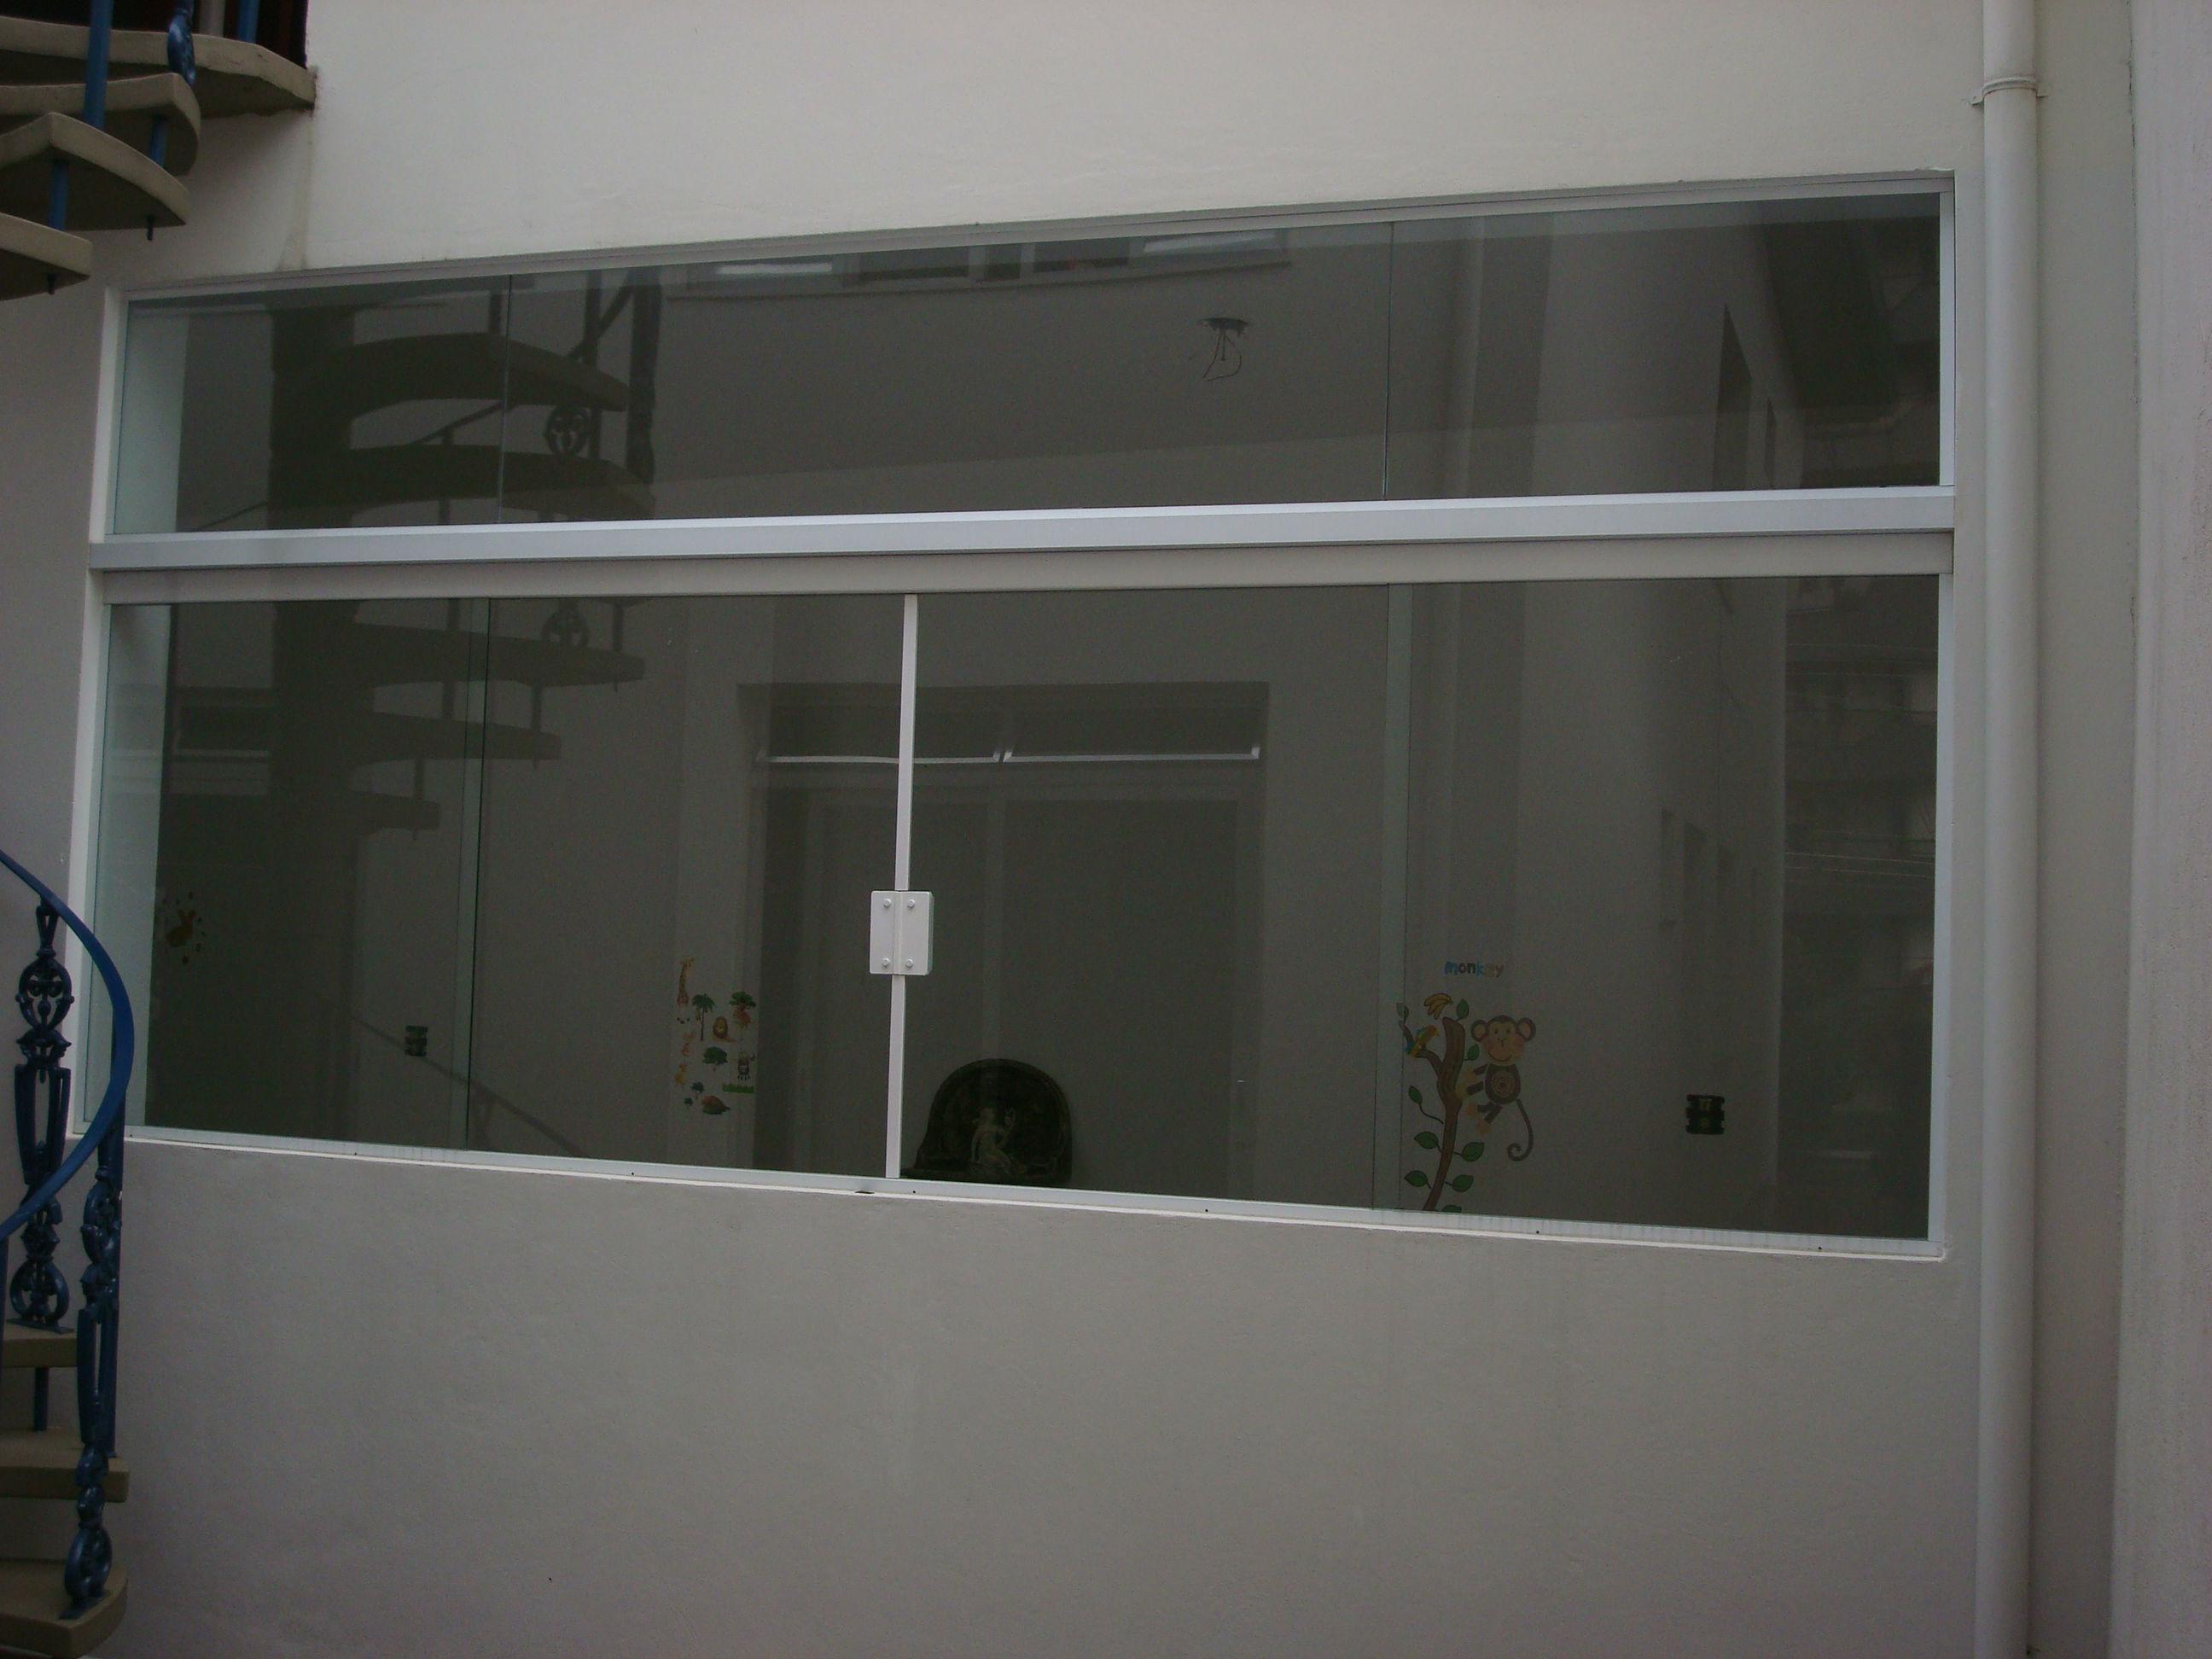 #5F656C 11 de fevereiro de 2012 sábado janela 4 folhas janela 04 folhas em  1642 Janela De Aluminio Lavanderia